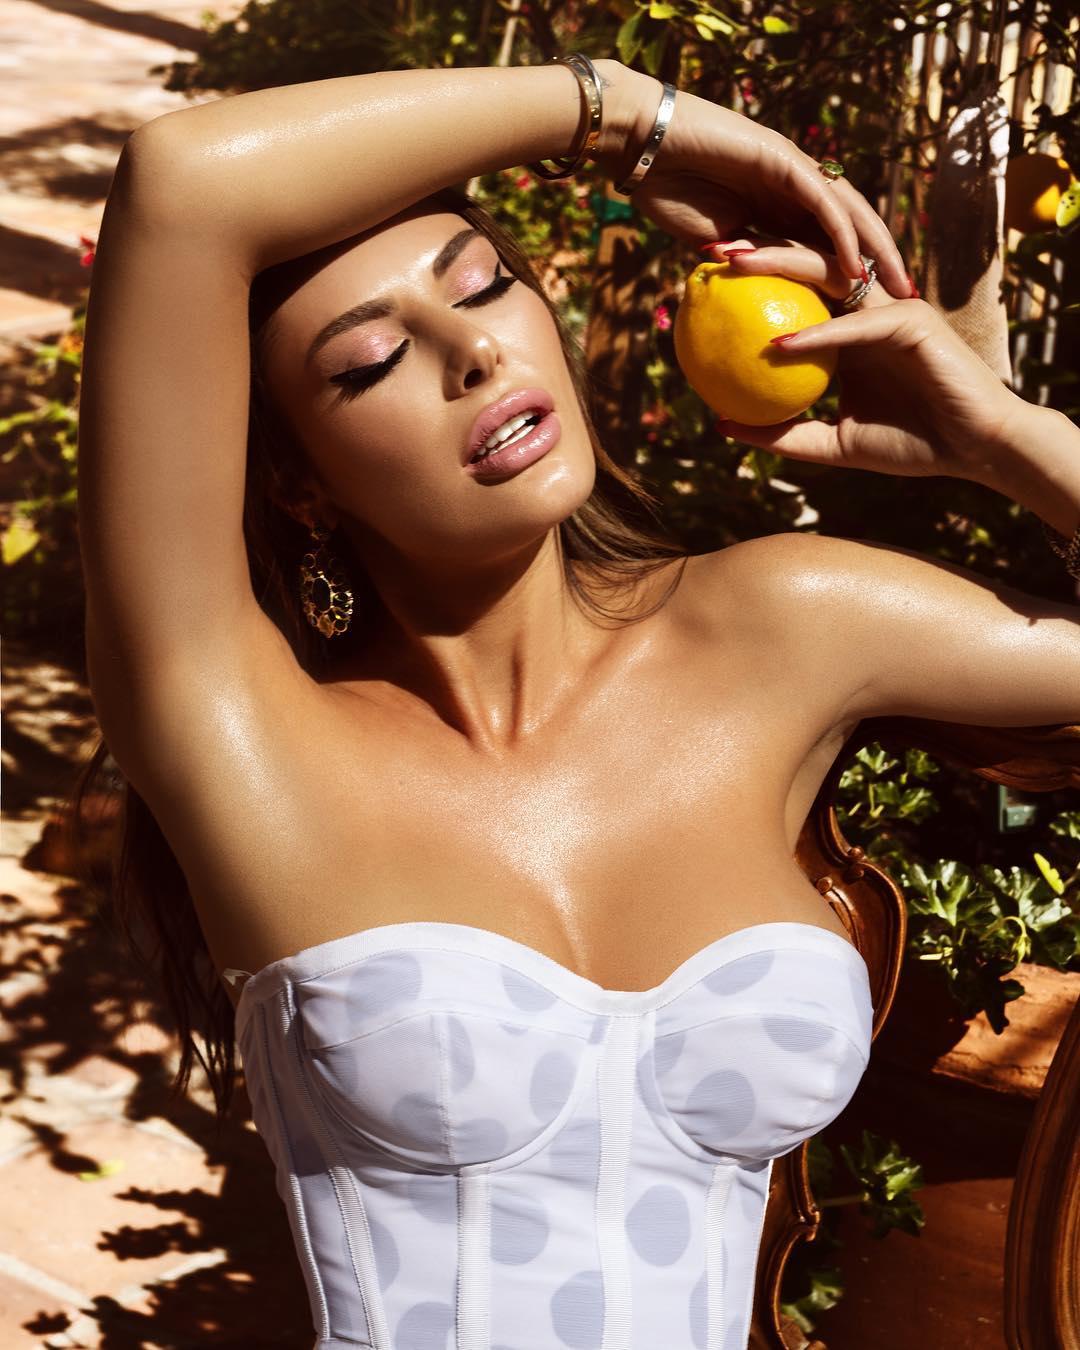 """Angela Martini: """"O segredo do sucesso está ligado a ter 50% de beleza e 50% de inteligência"""""""